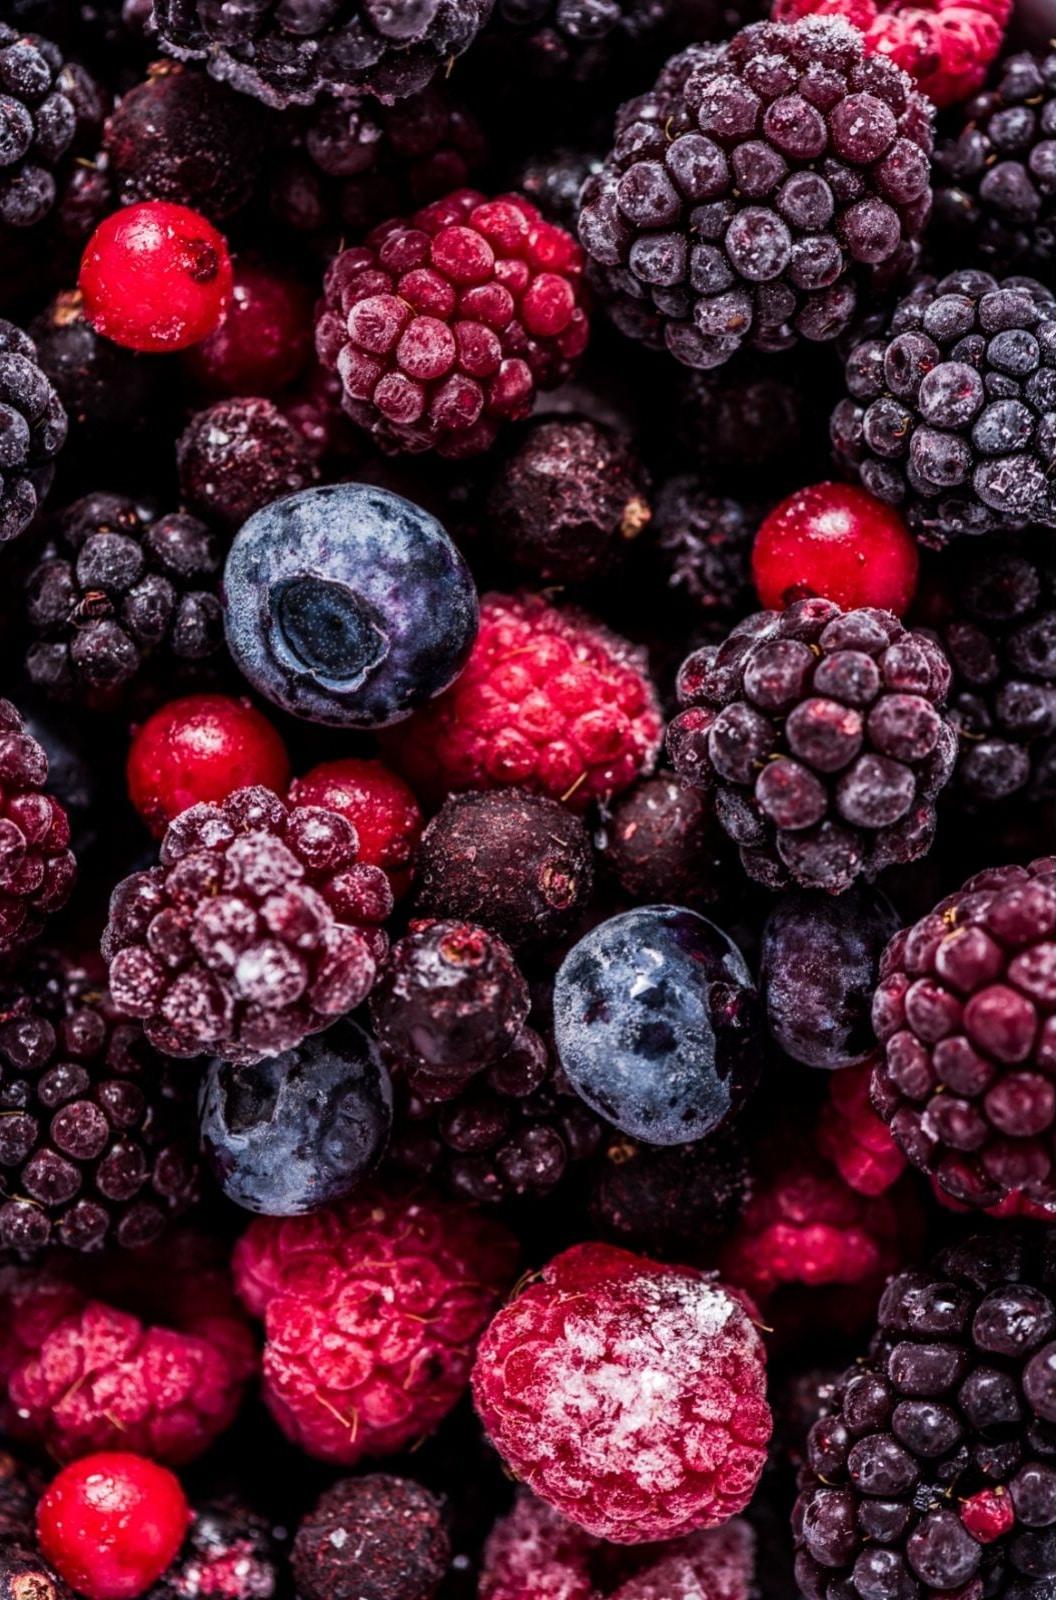 assorted frozen berries